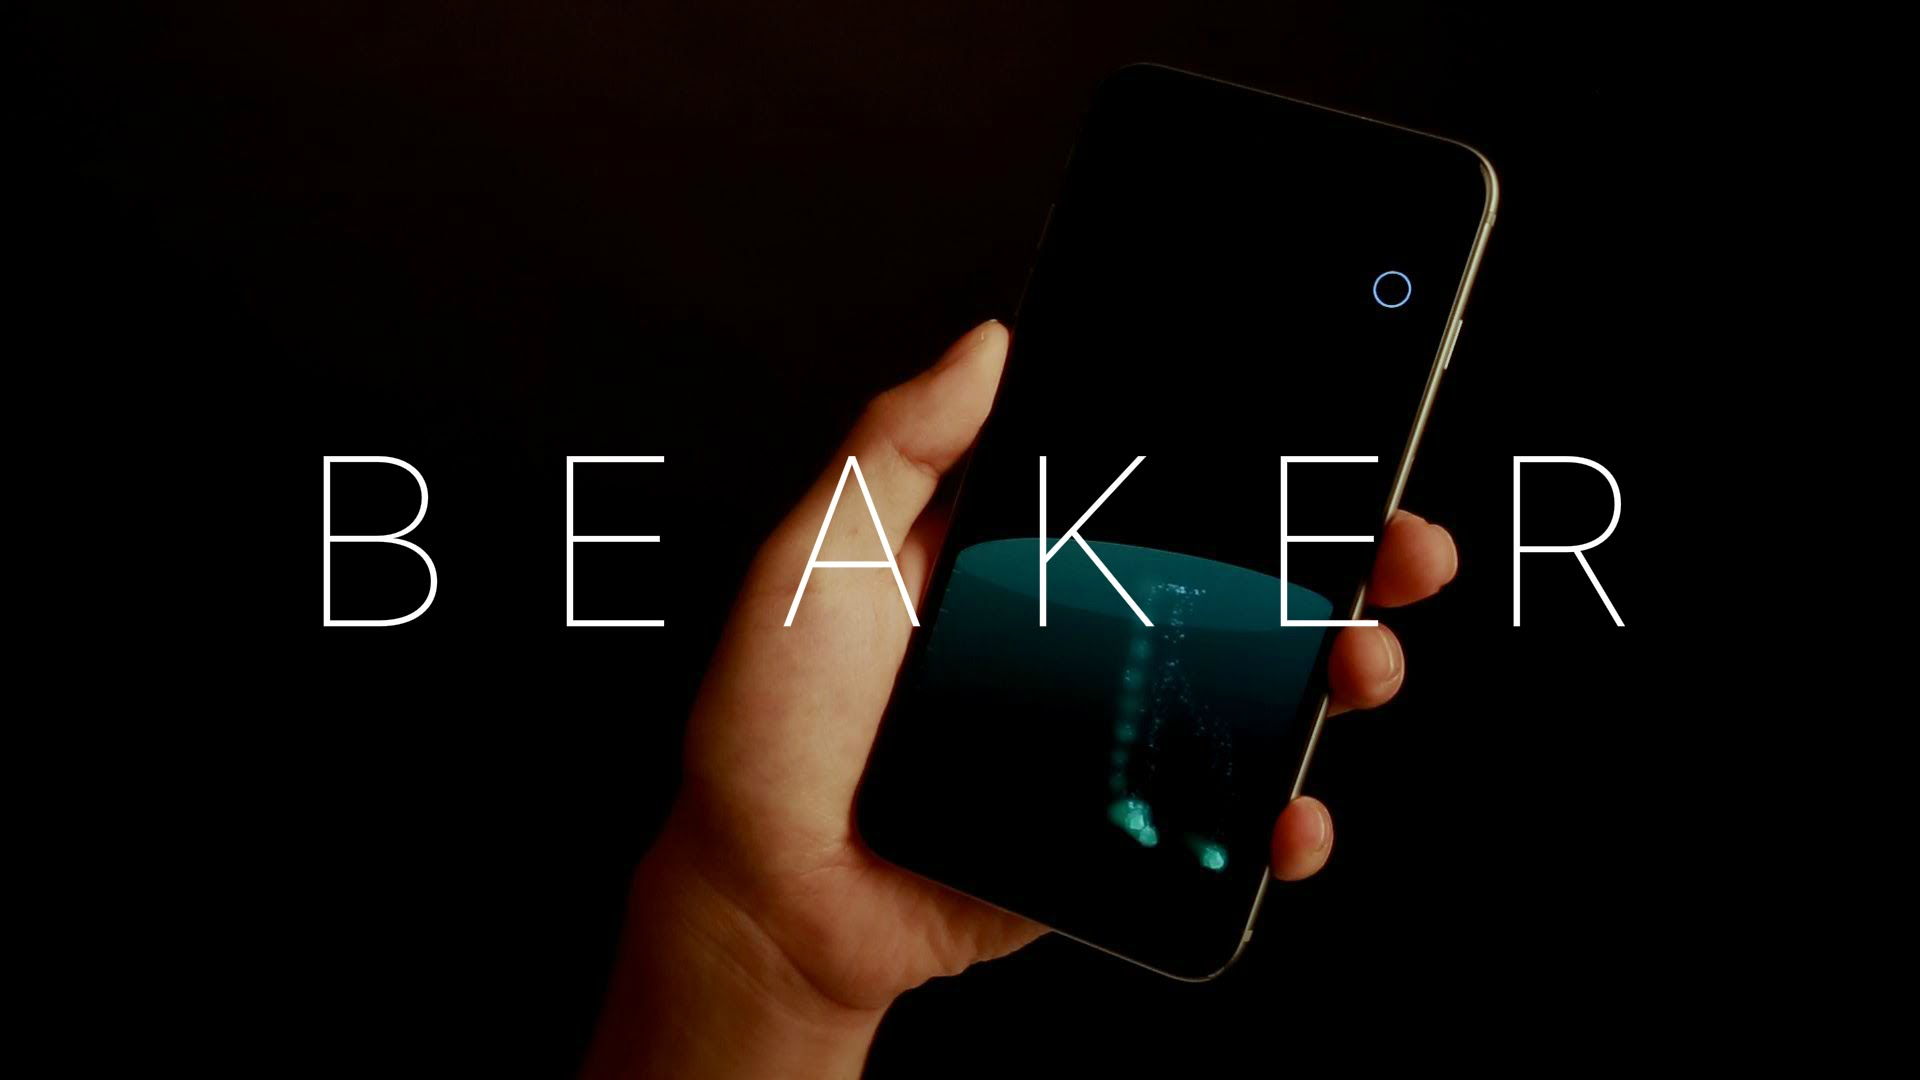 無機化学の勉強のおともに… お役立ちアプリ紹介「BEAKER」